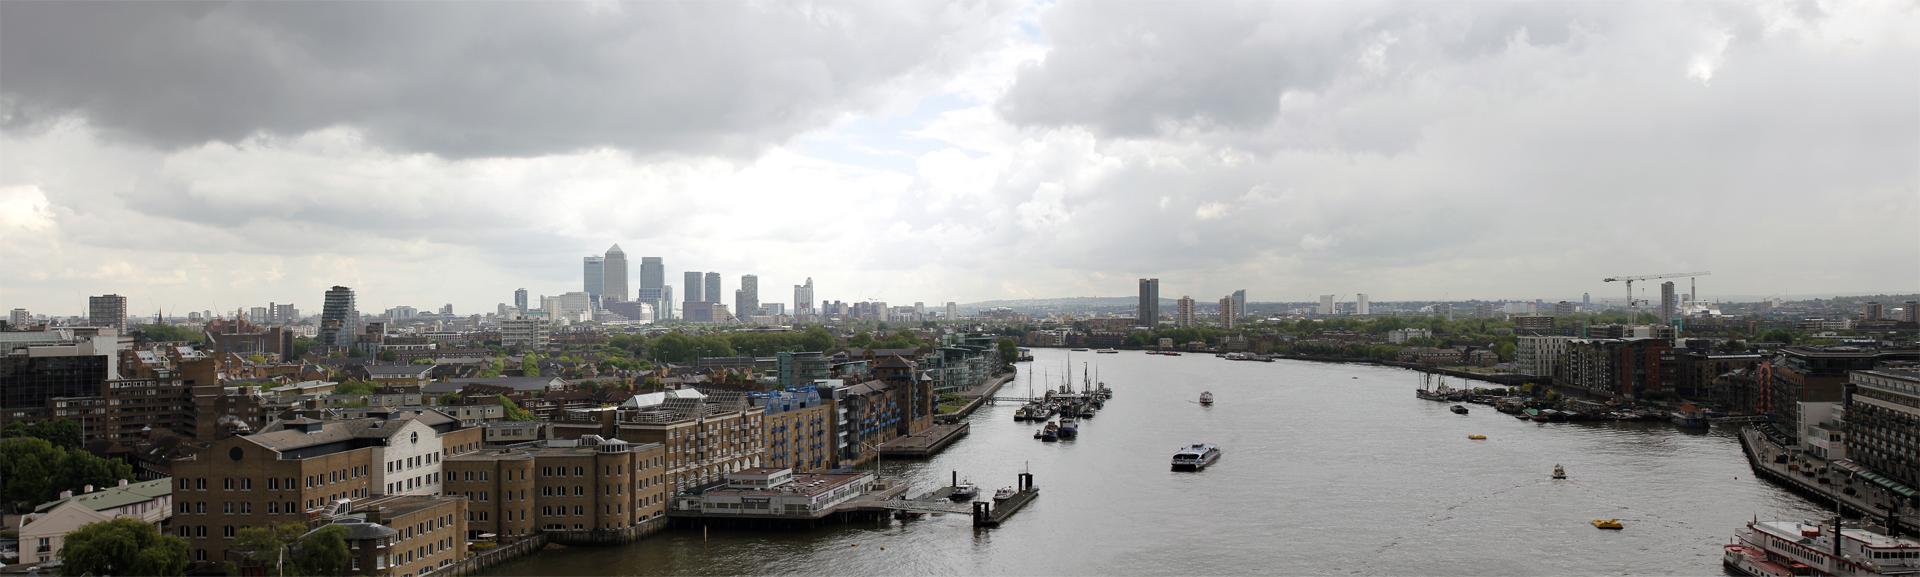 London_Panorama5